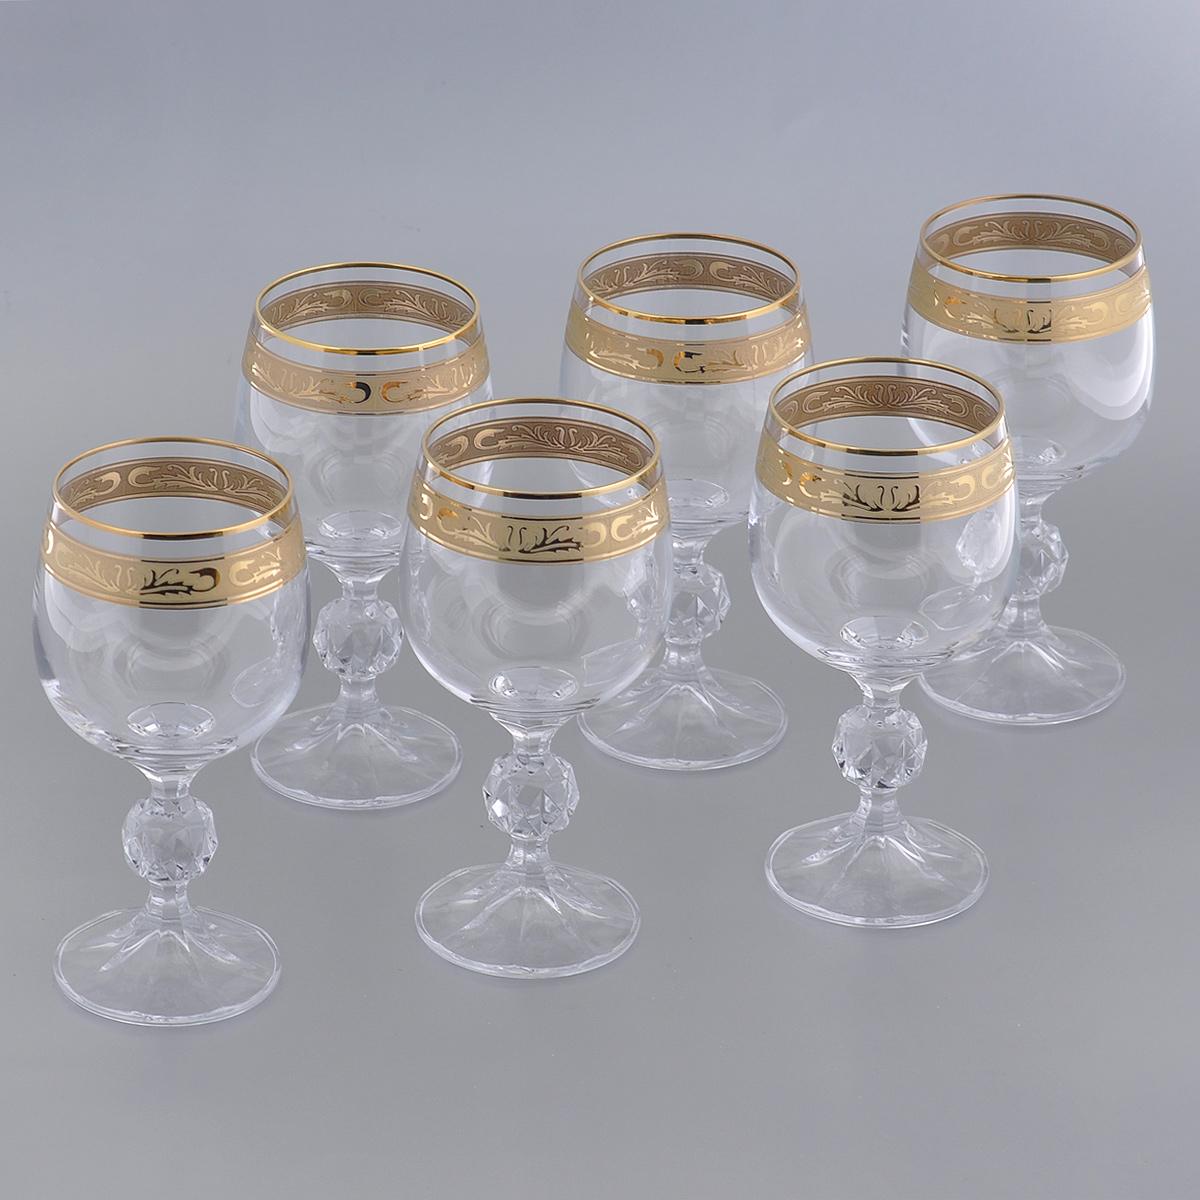 Набор бокалов для вина Crystalite Bohemia Клаудия, 190 мл, 6 шт. 40149/190/37872K